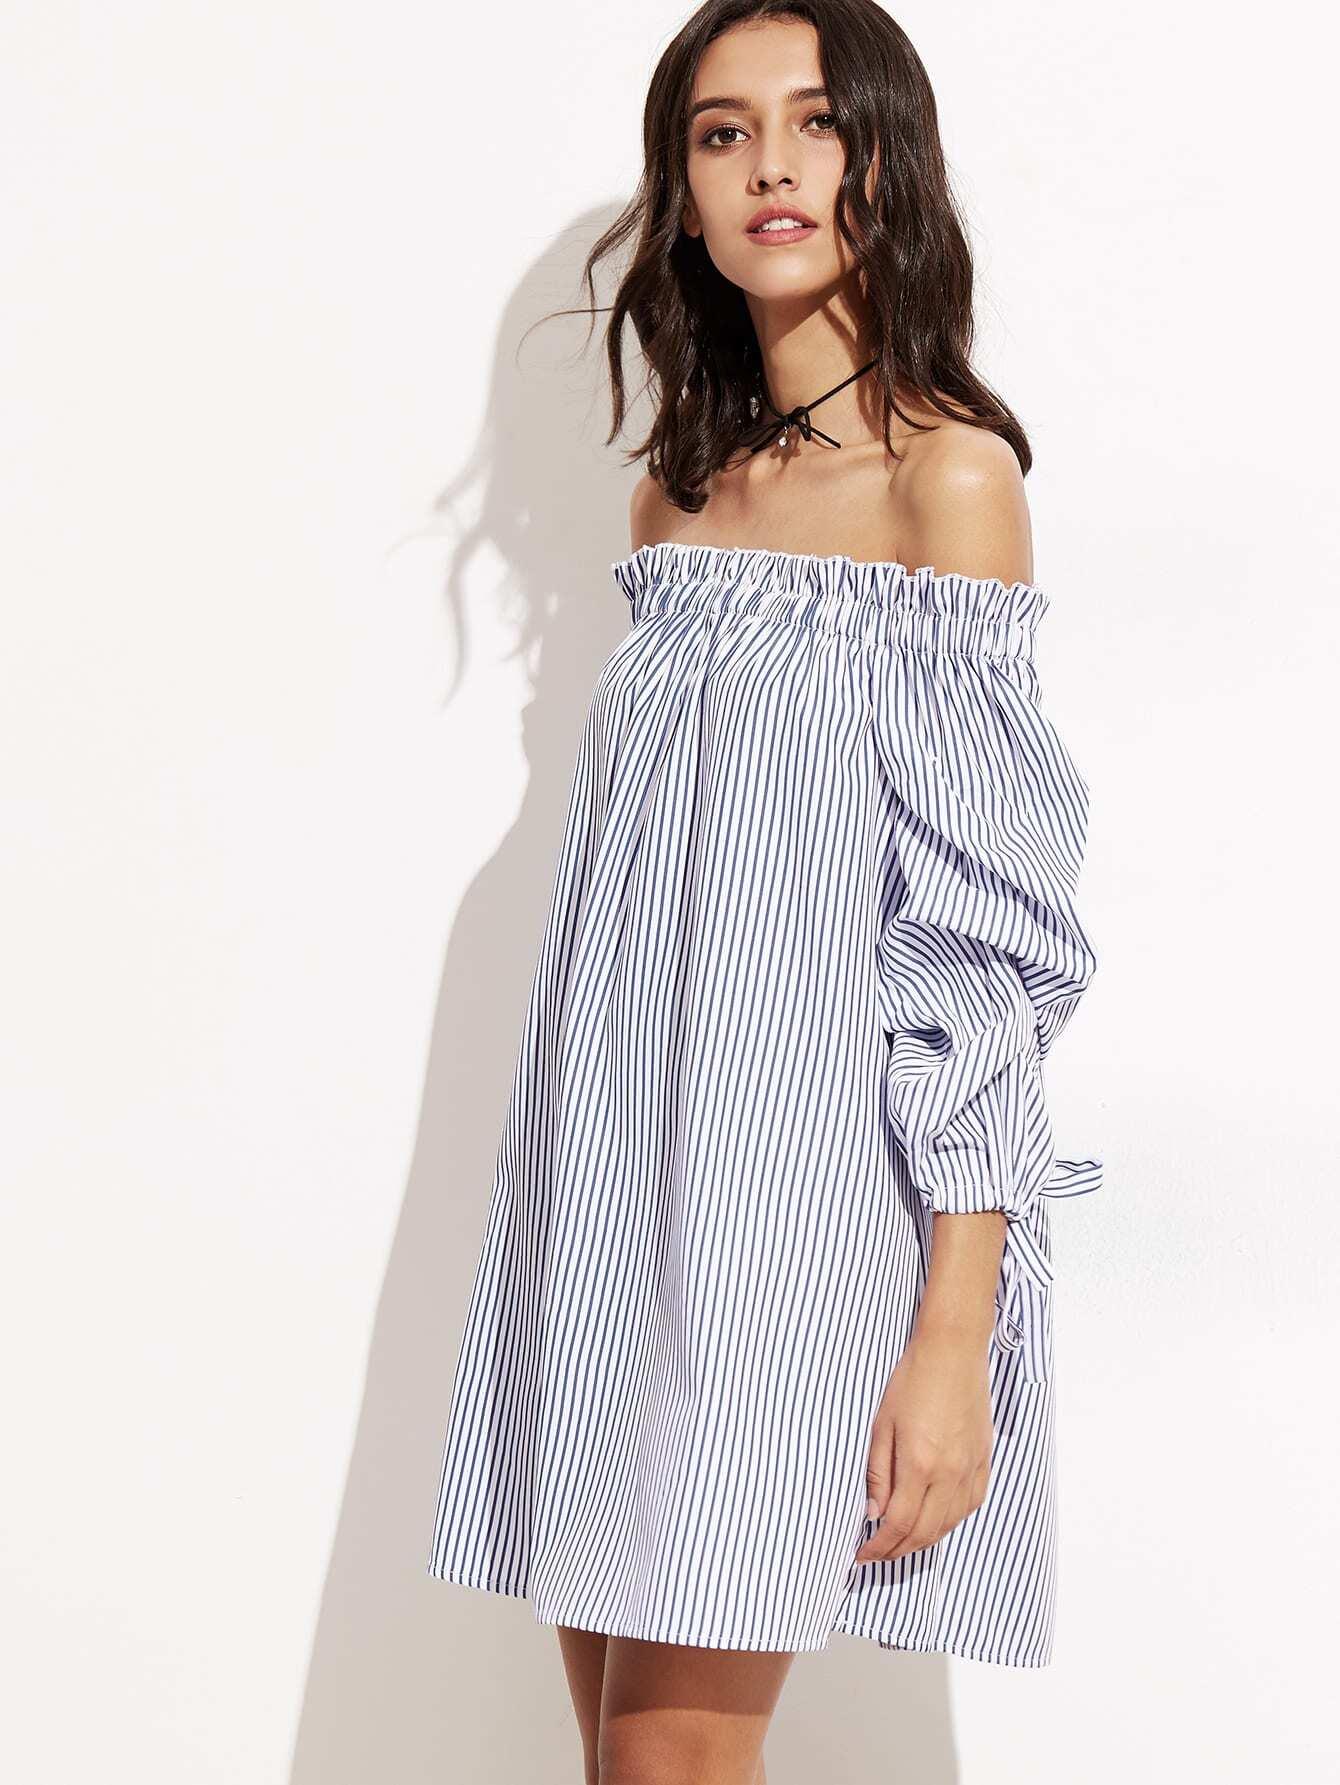 dress160825701_2